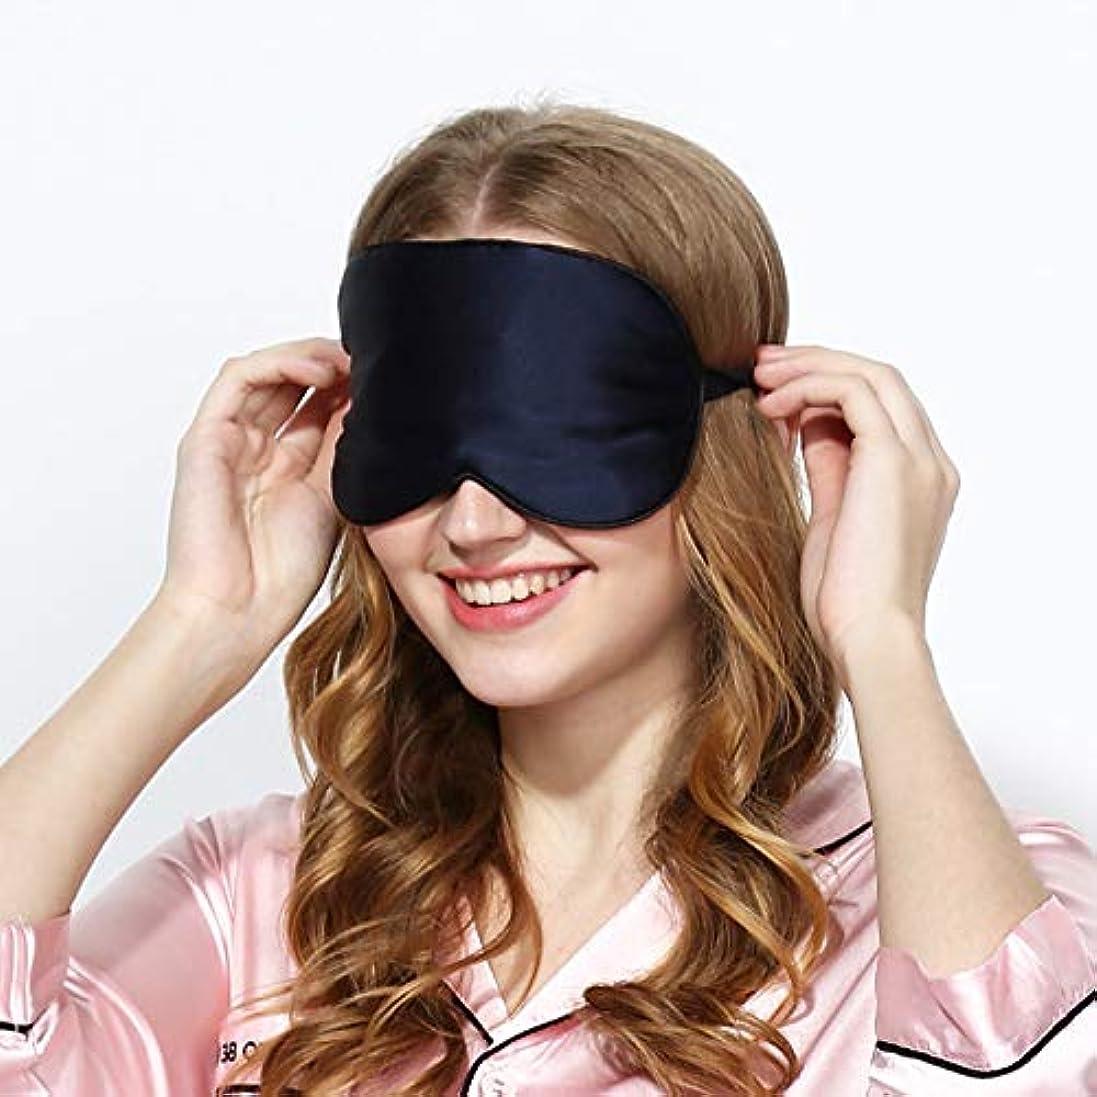 モジュール機械ニックネーム3 Dソフト通気性ファブリックアイシェード睡眠アイマスクポータブル旅行睡眠休息補助アイマスクカバーアイパッチ睡眠マスク